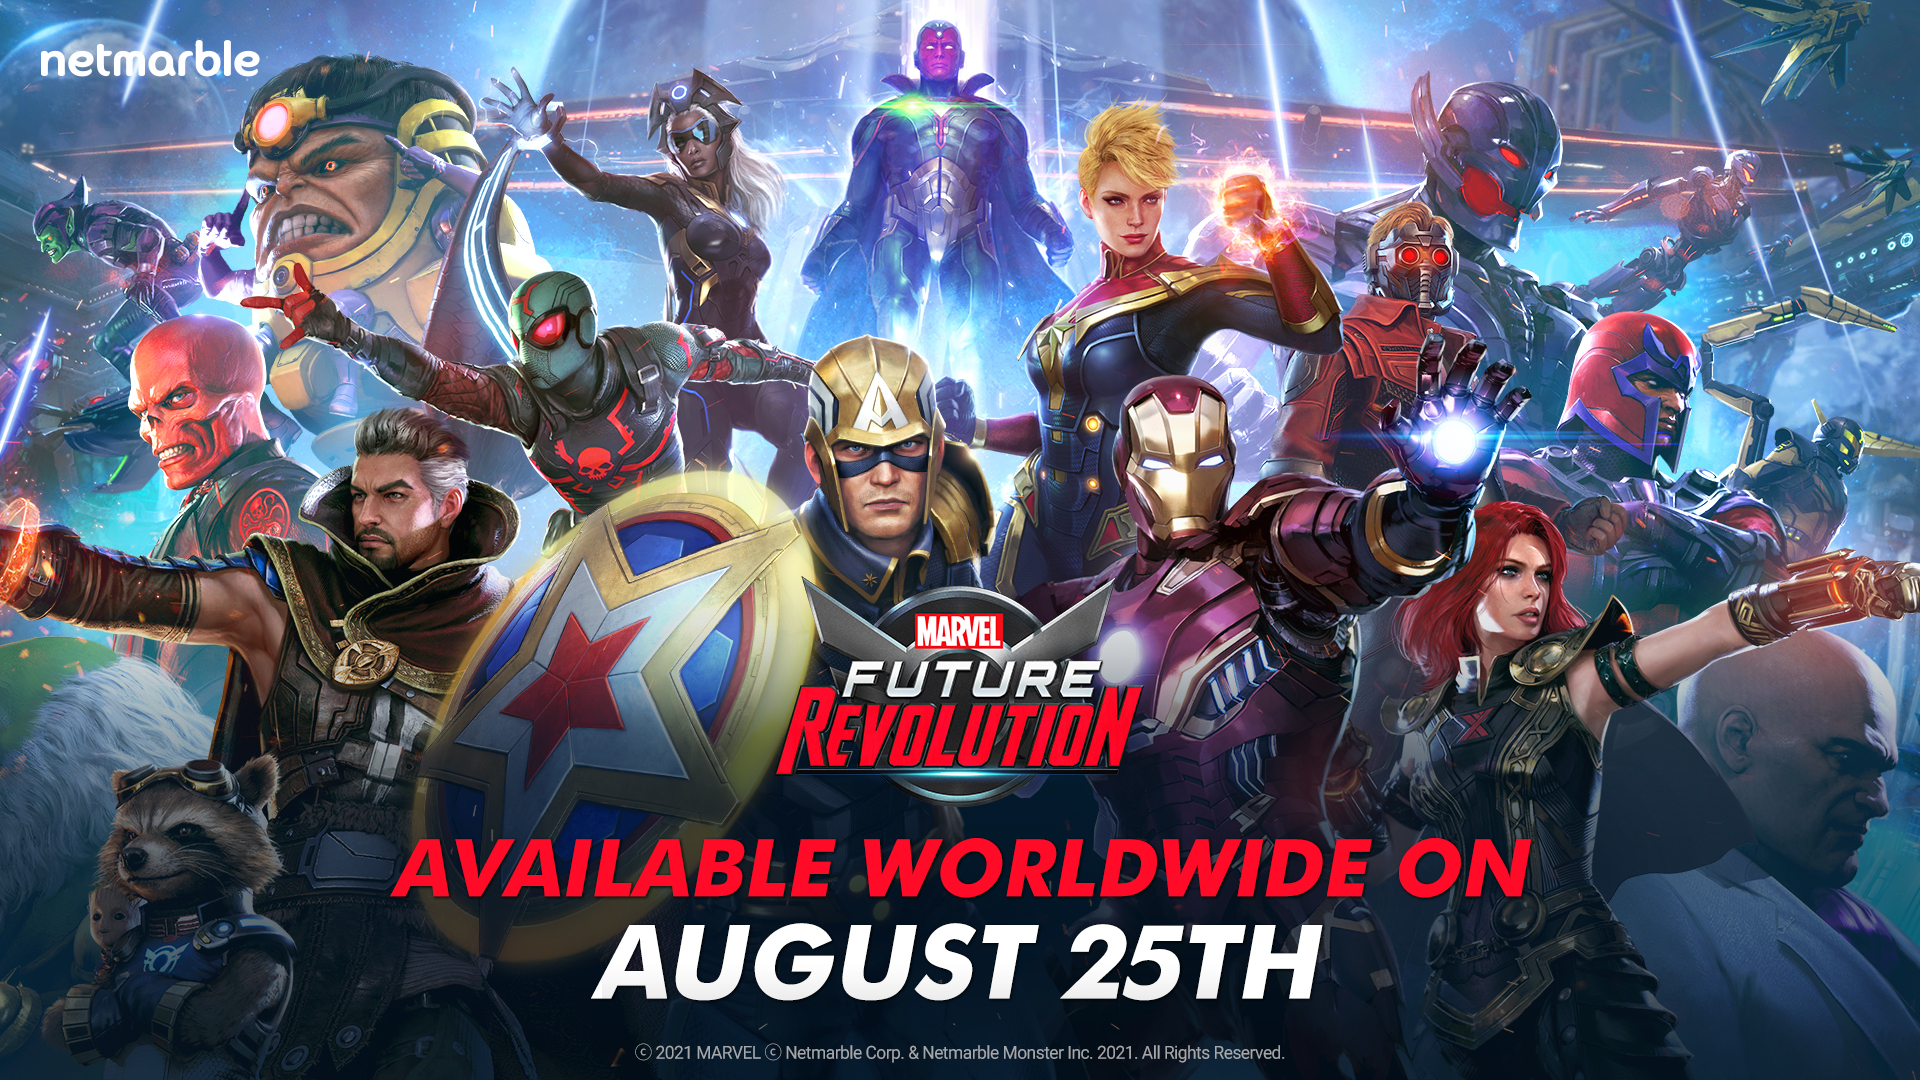 MARVEL Future Revolution de Netmarble se lanzará el 25 de agosto